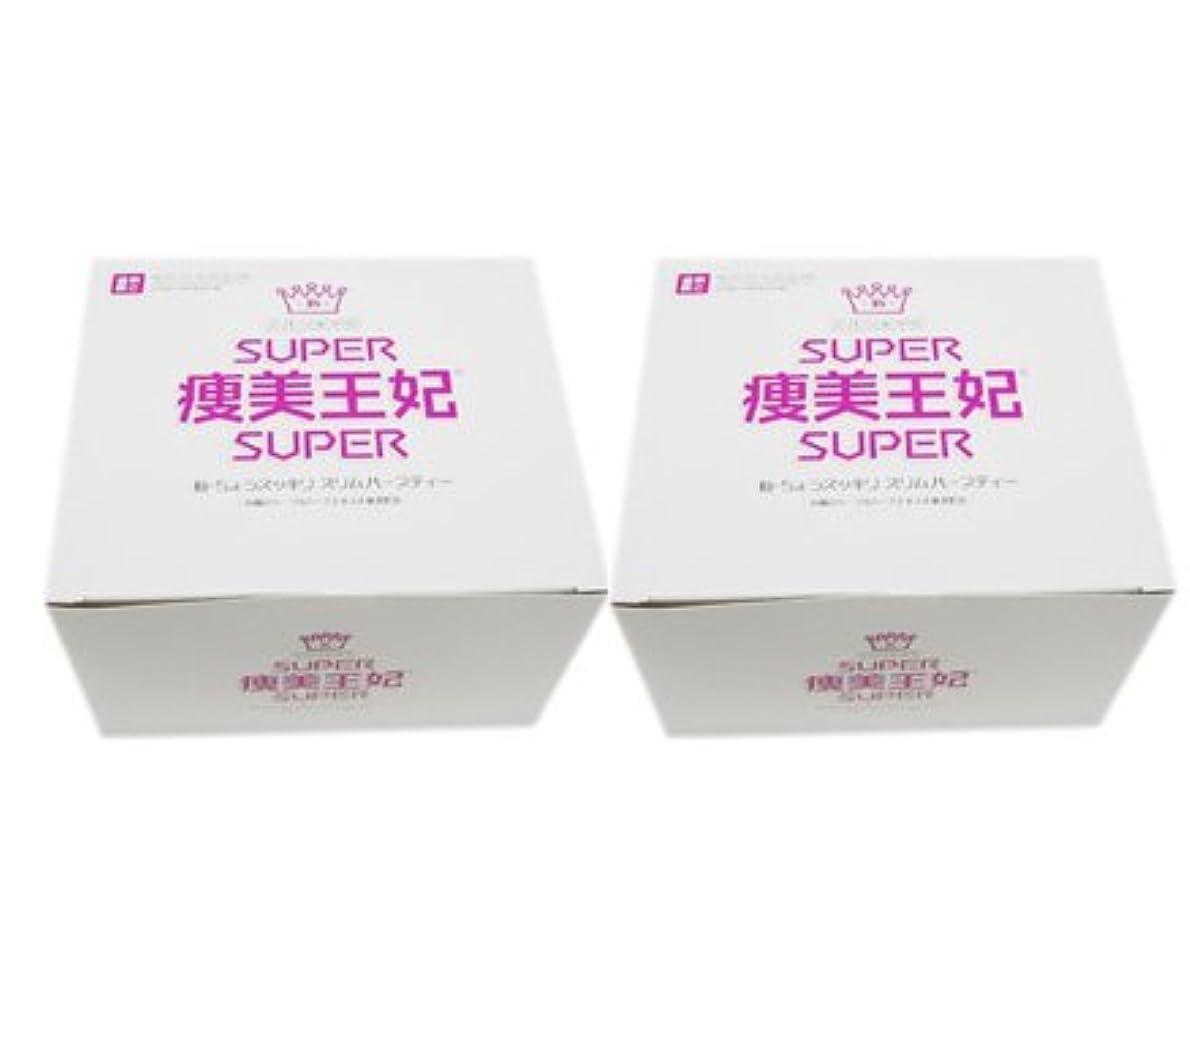 アーティファクトシンポジウム刺激するSUPER痩美王妃 30包 2個セット